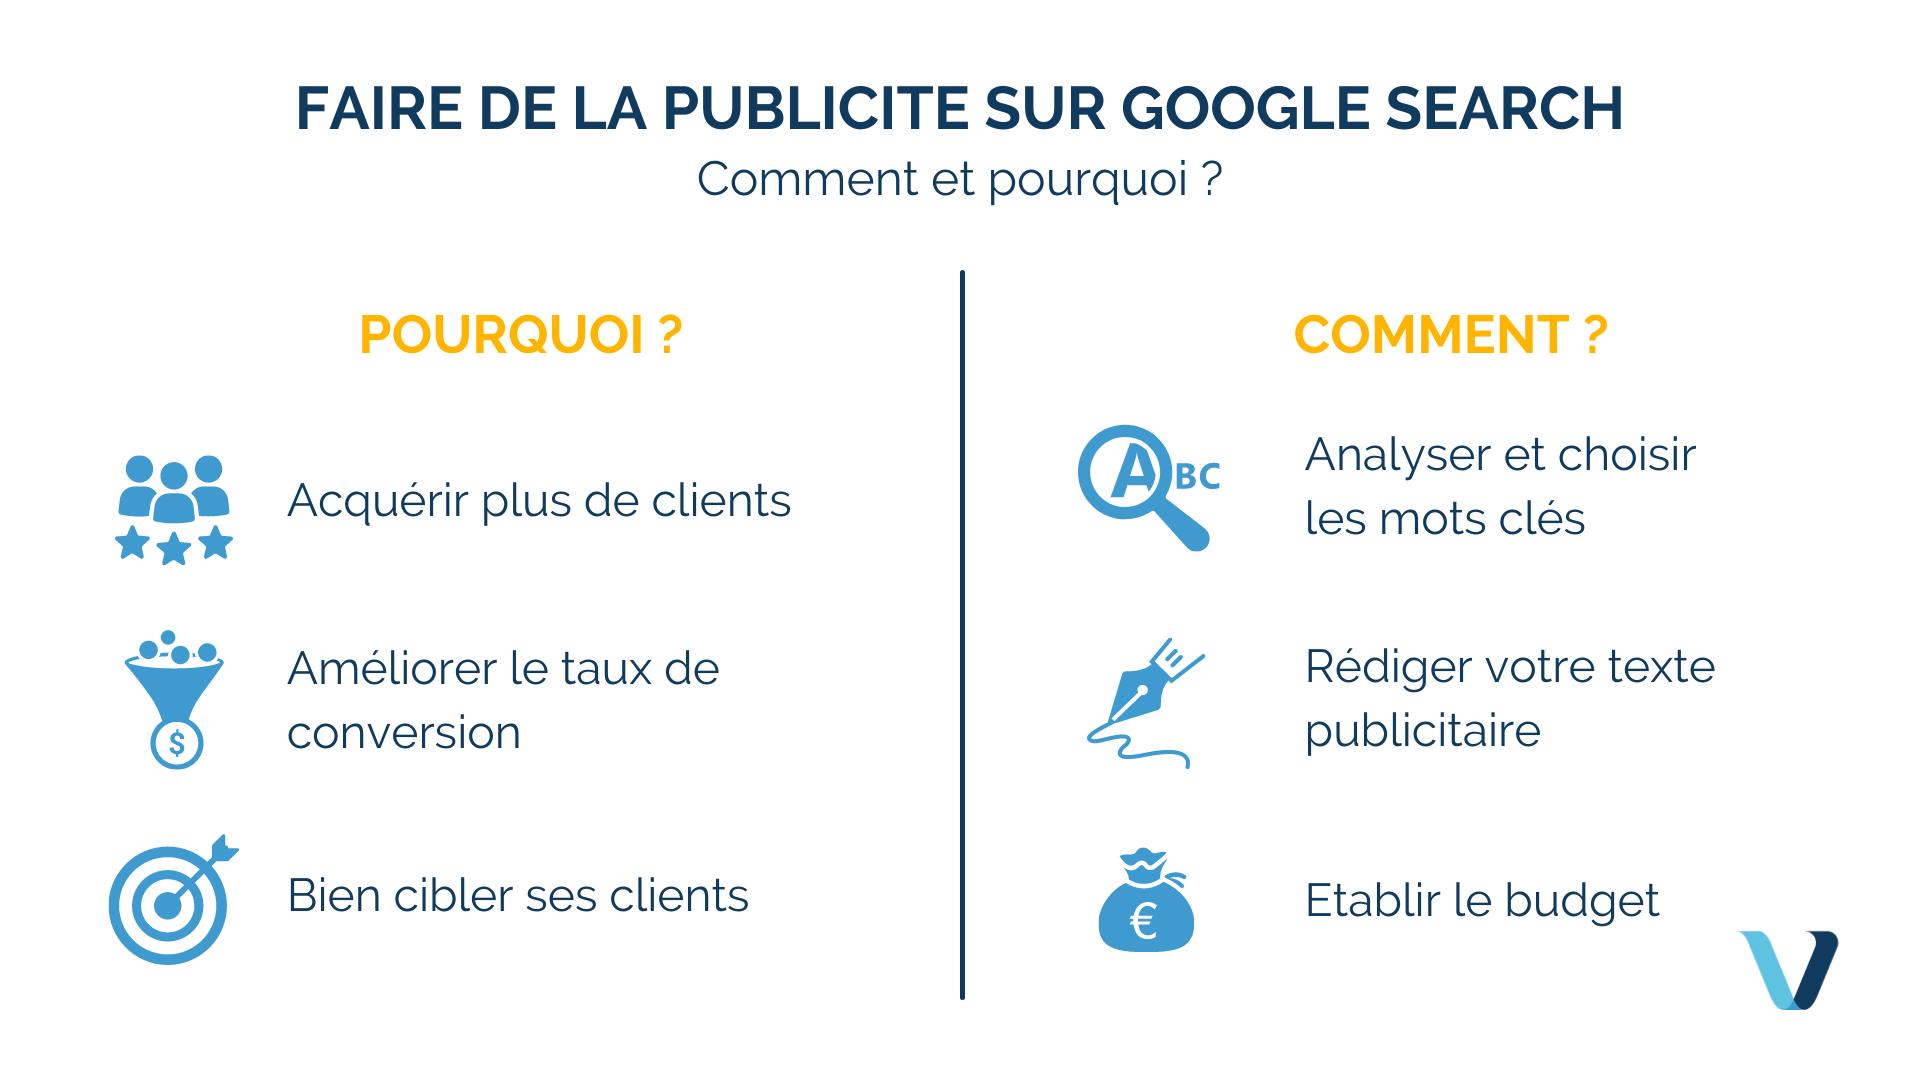 Faire de la publicité sur Google Search : comment et pourquoi ?